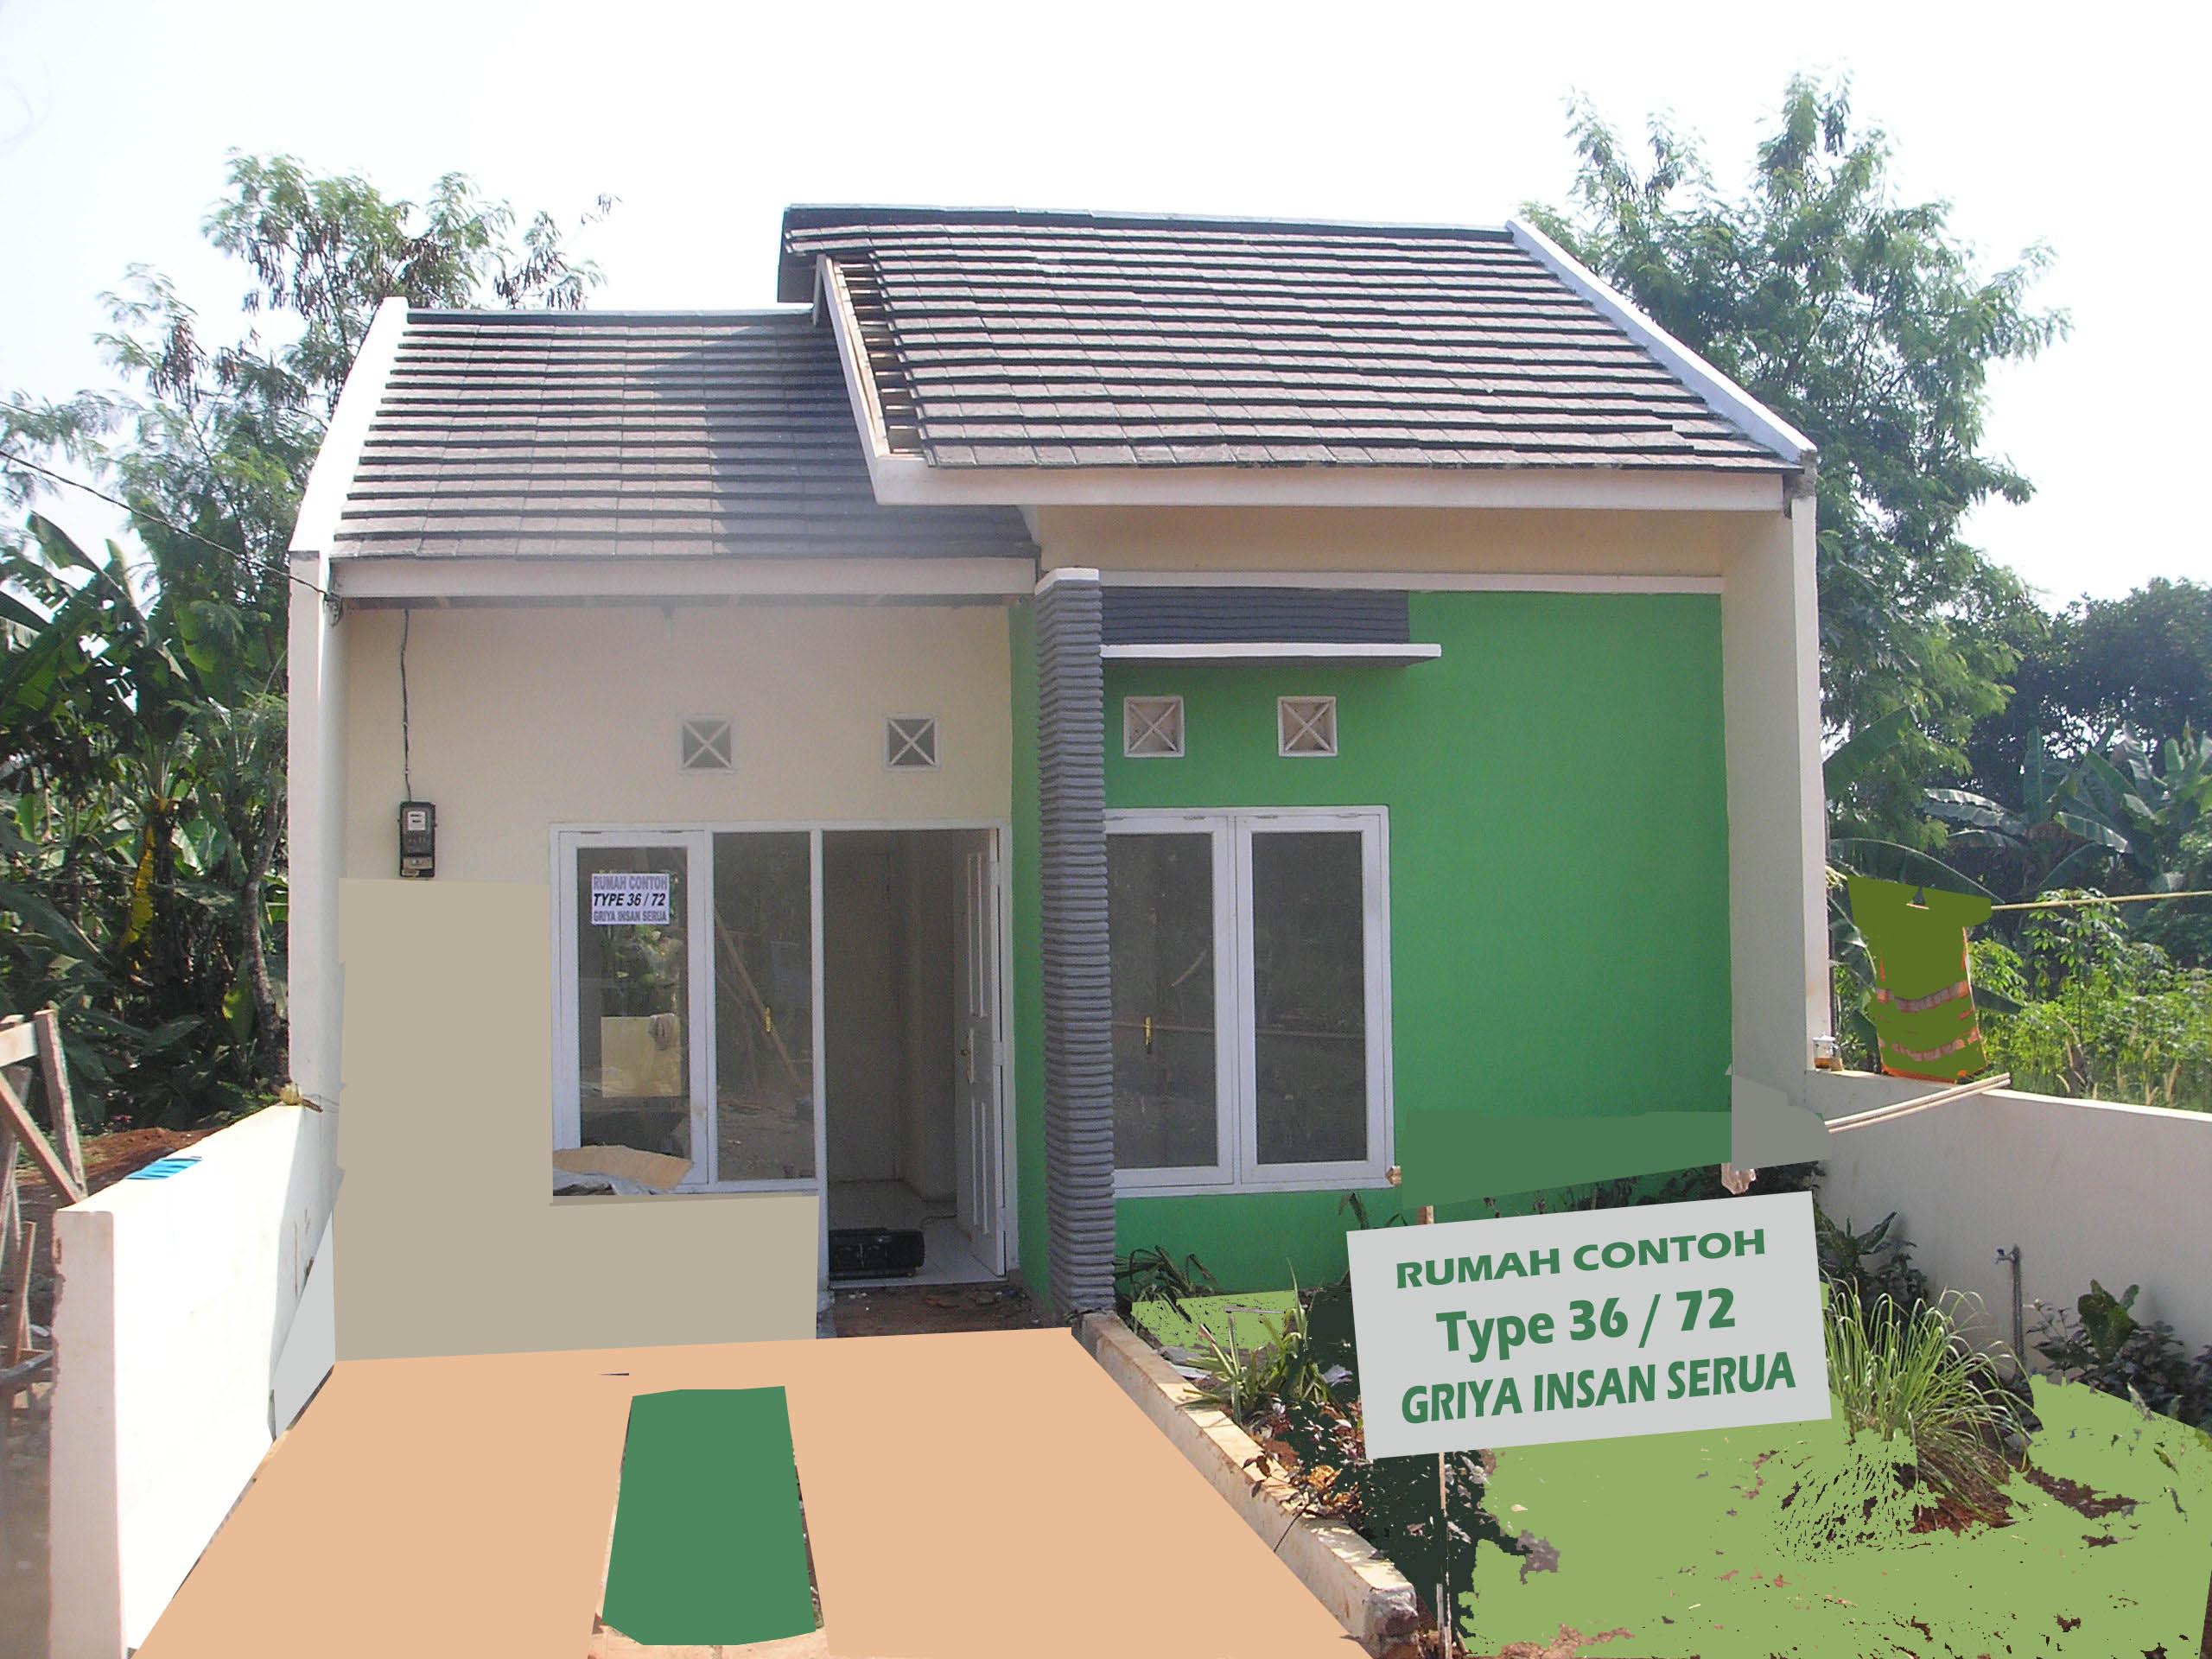 rumah contoh type 36 72